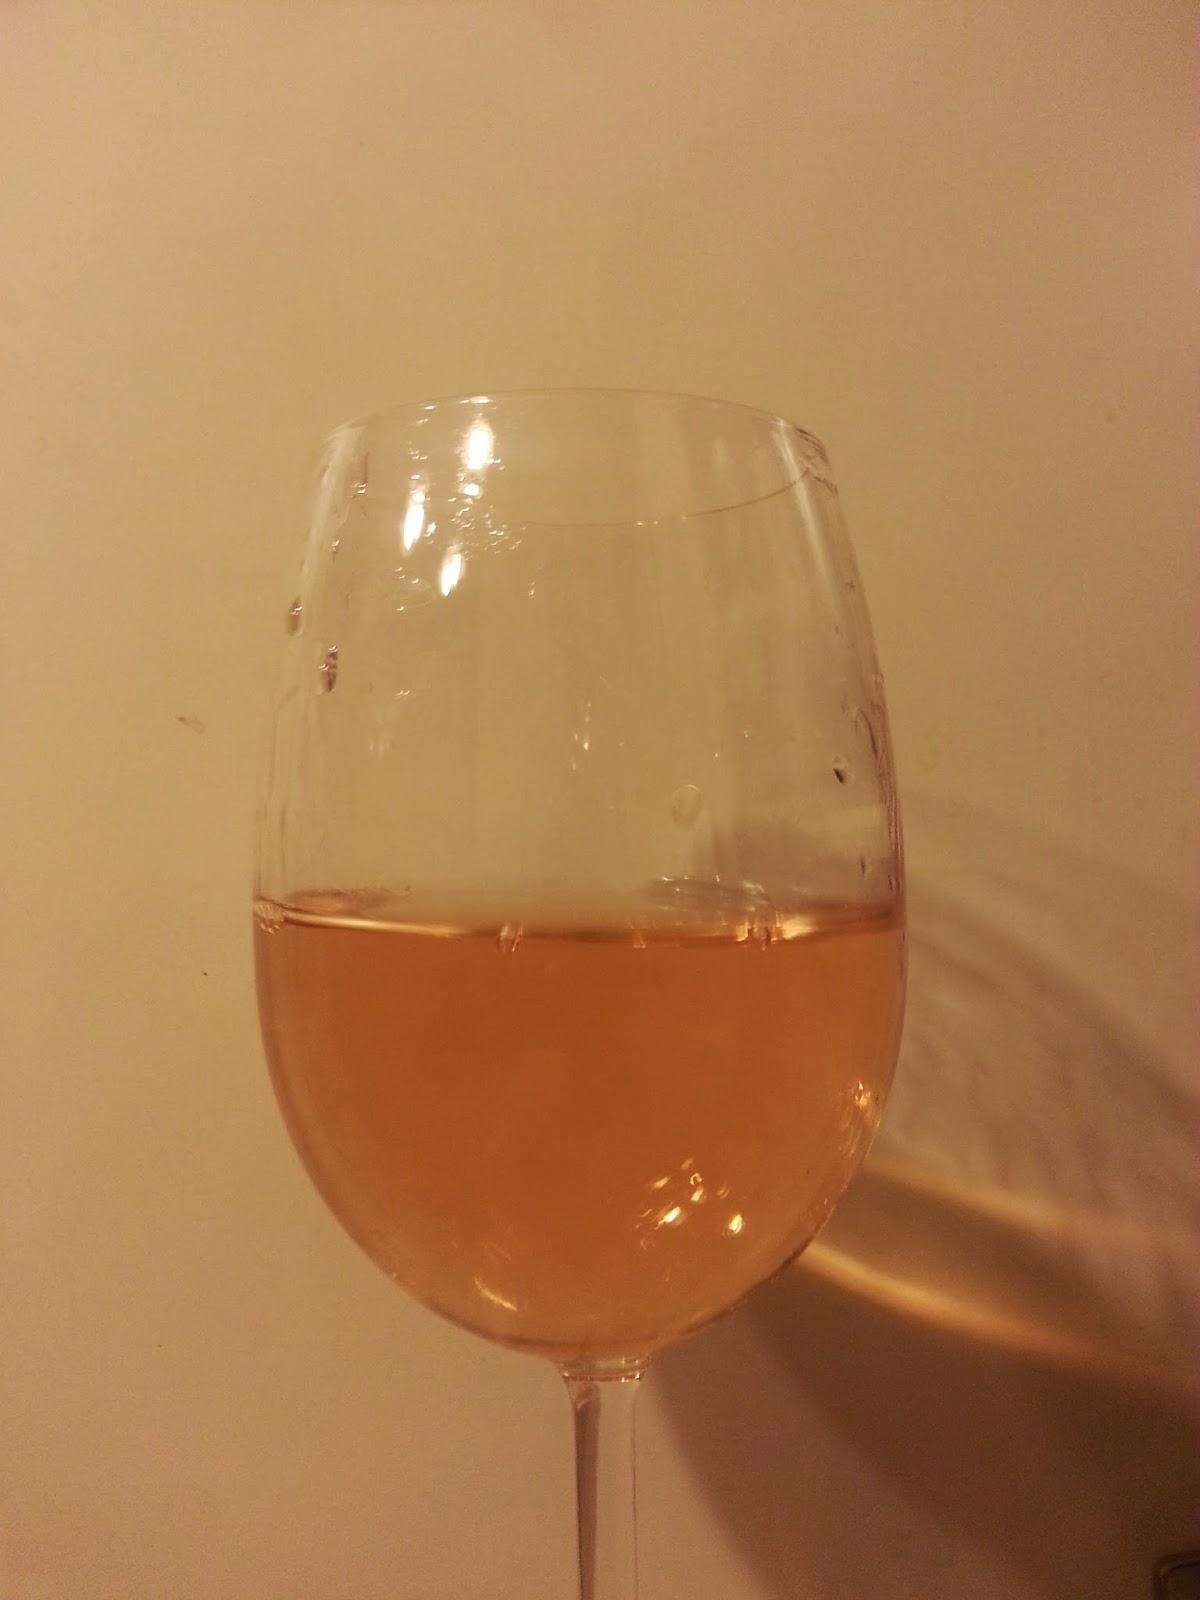 бокал Sartori Pinot Grigio delle Venezie. розовое вино.